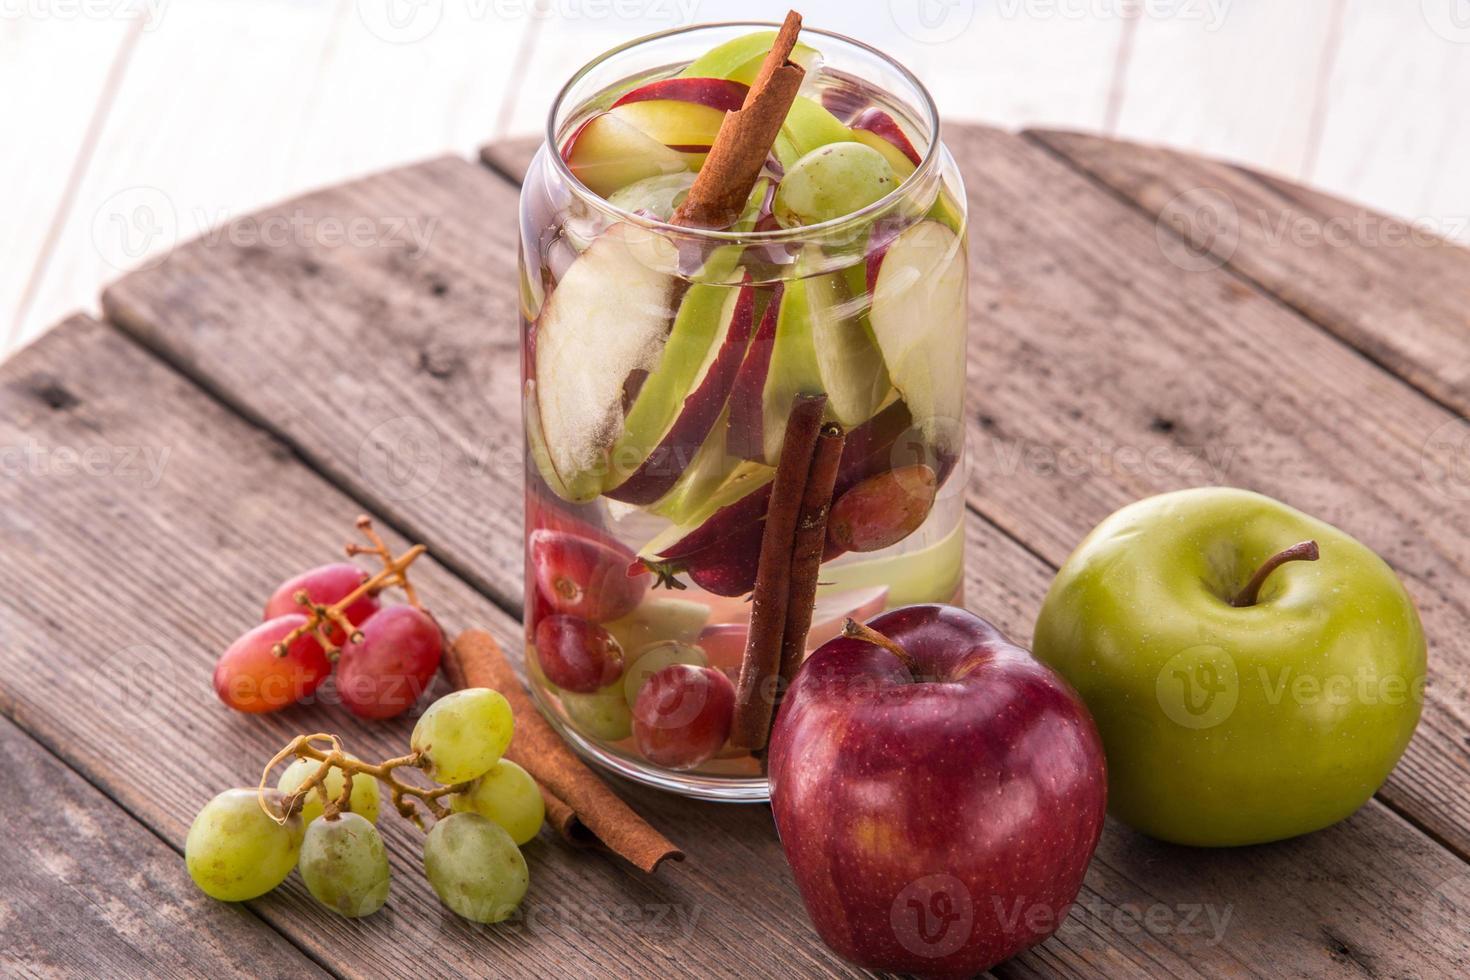 mélange d'eau infusée aromatisée de pomme, raisin et cannelle photo